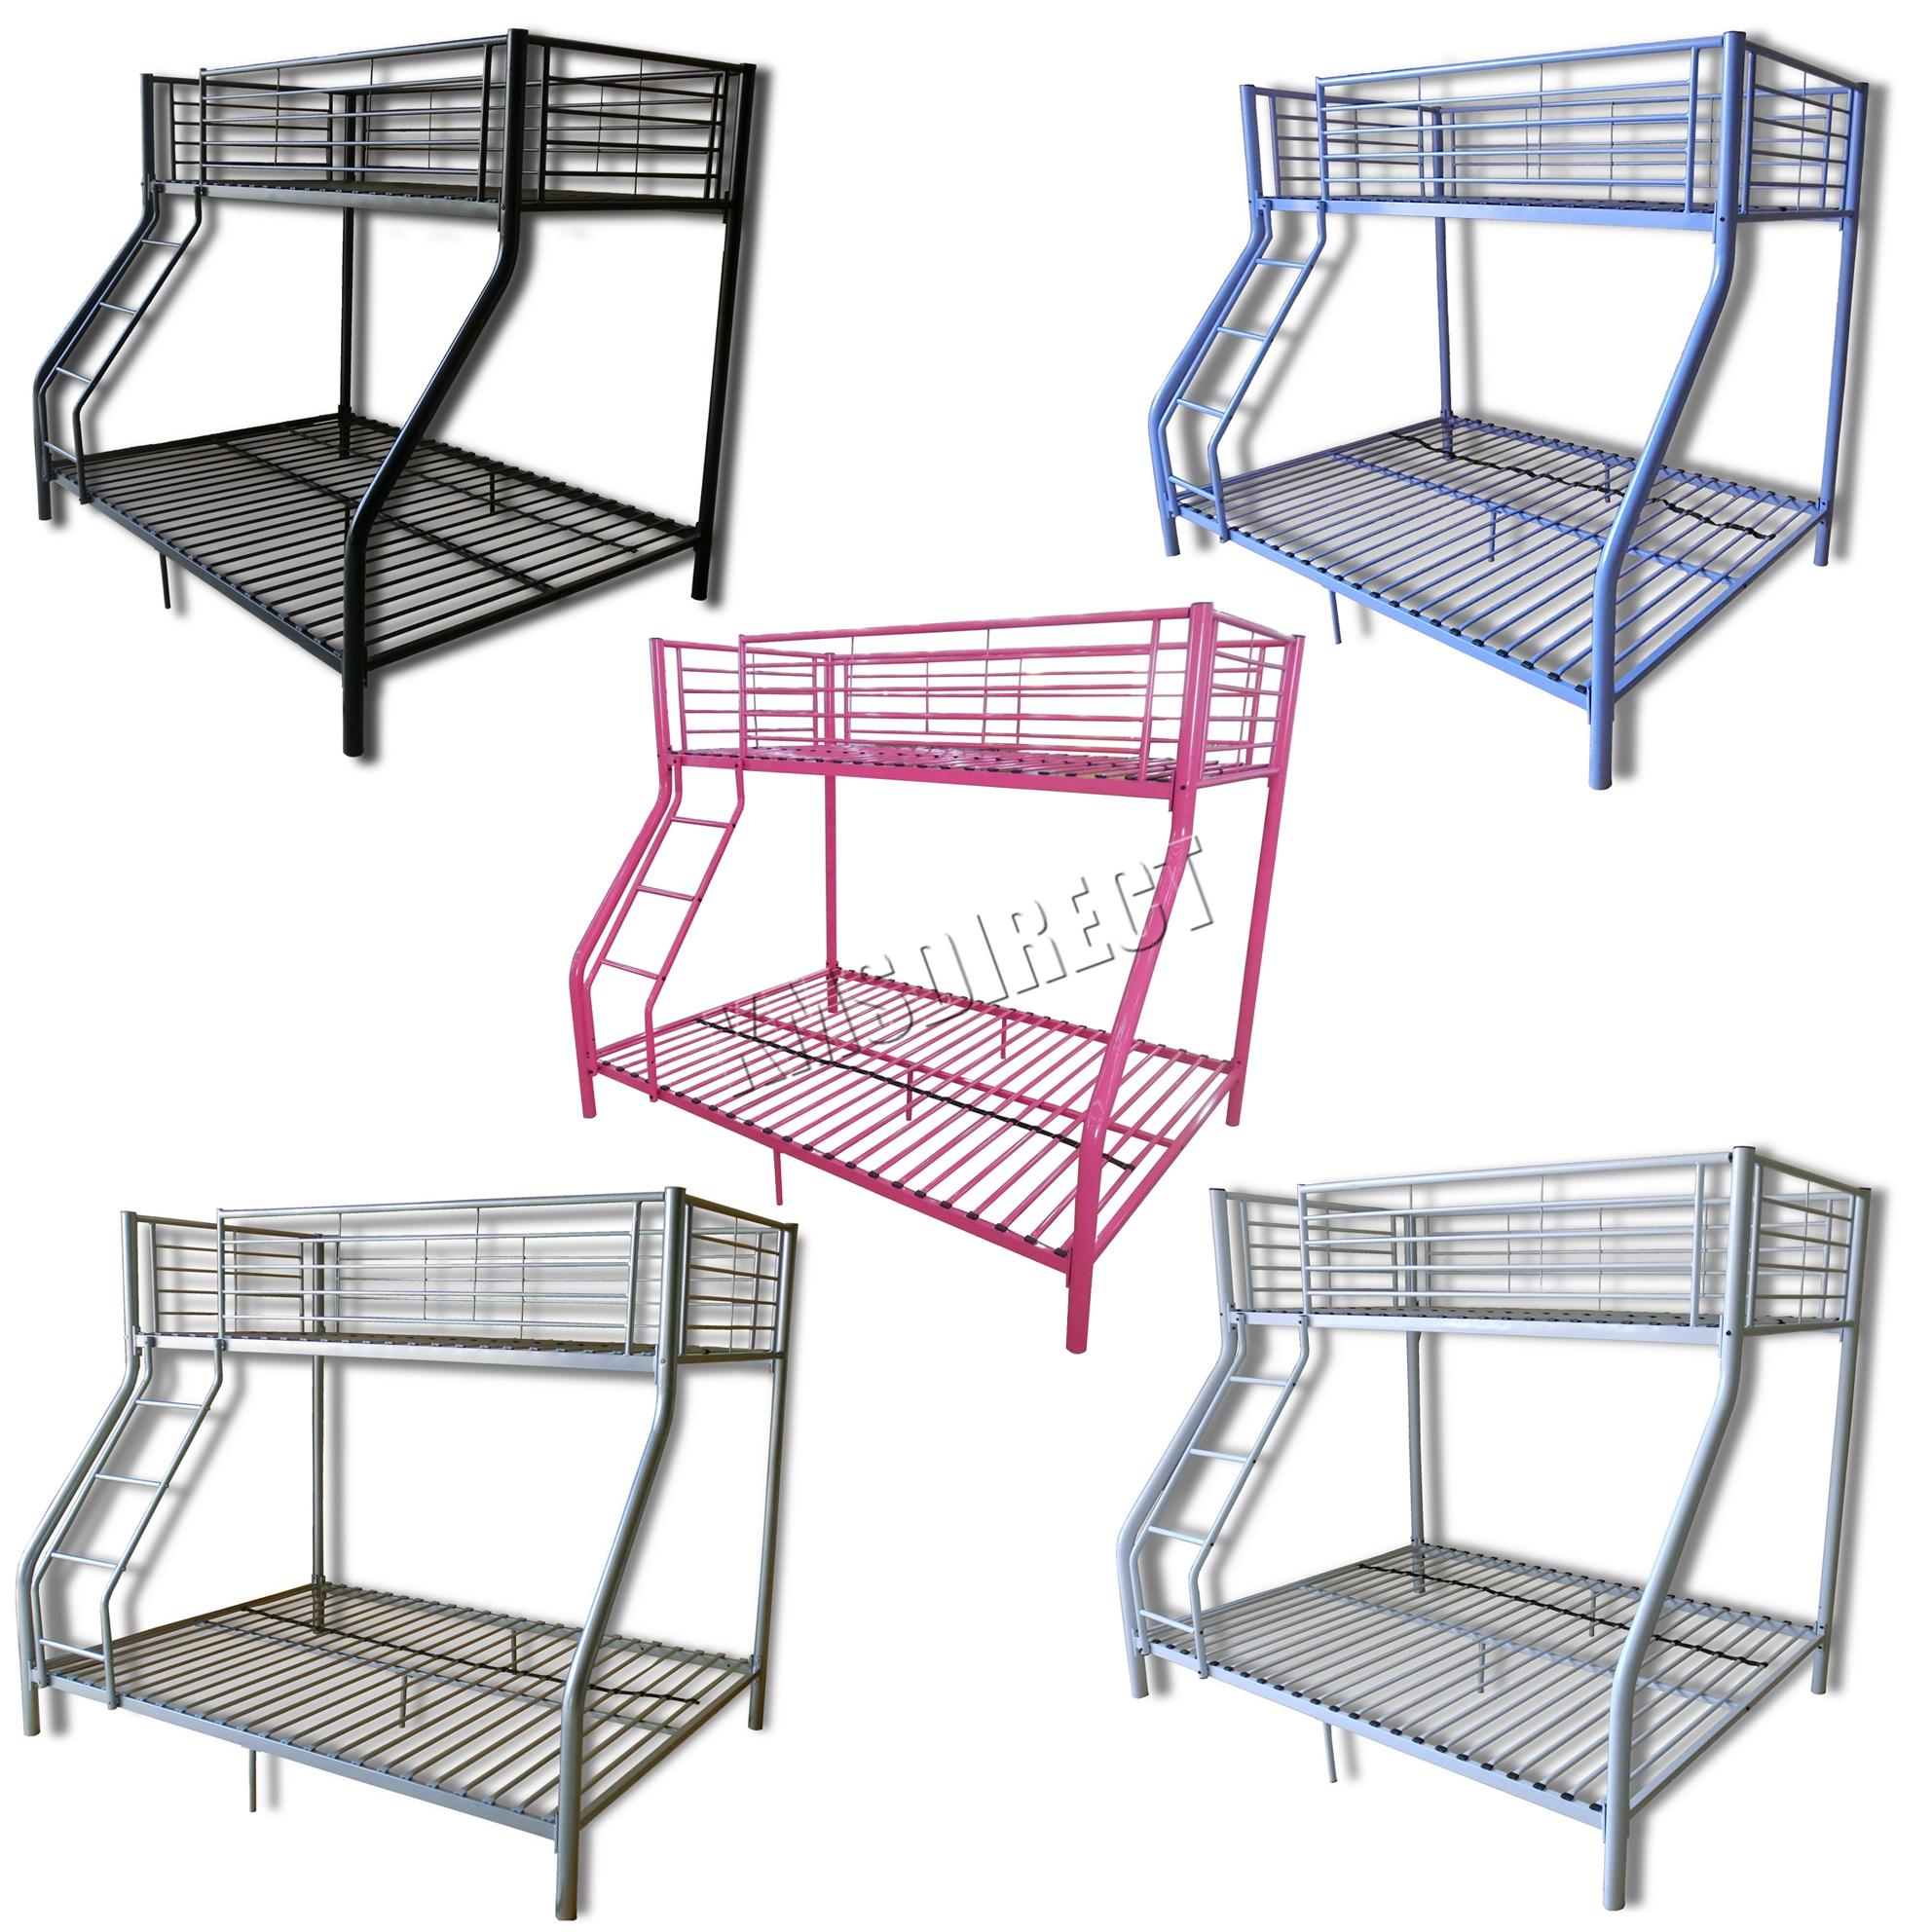 foxhunter lit superpos simple double armature m tallique dormeur triple enfants ebay. Black Bedroom Furniture Sets. Home Design Ideas